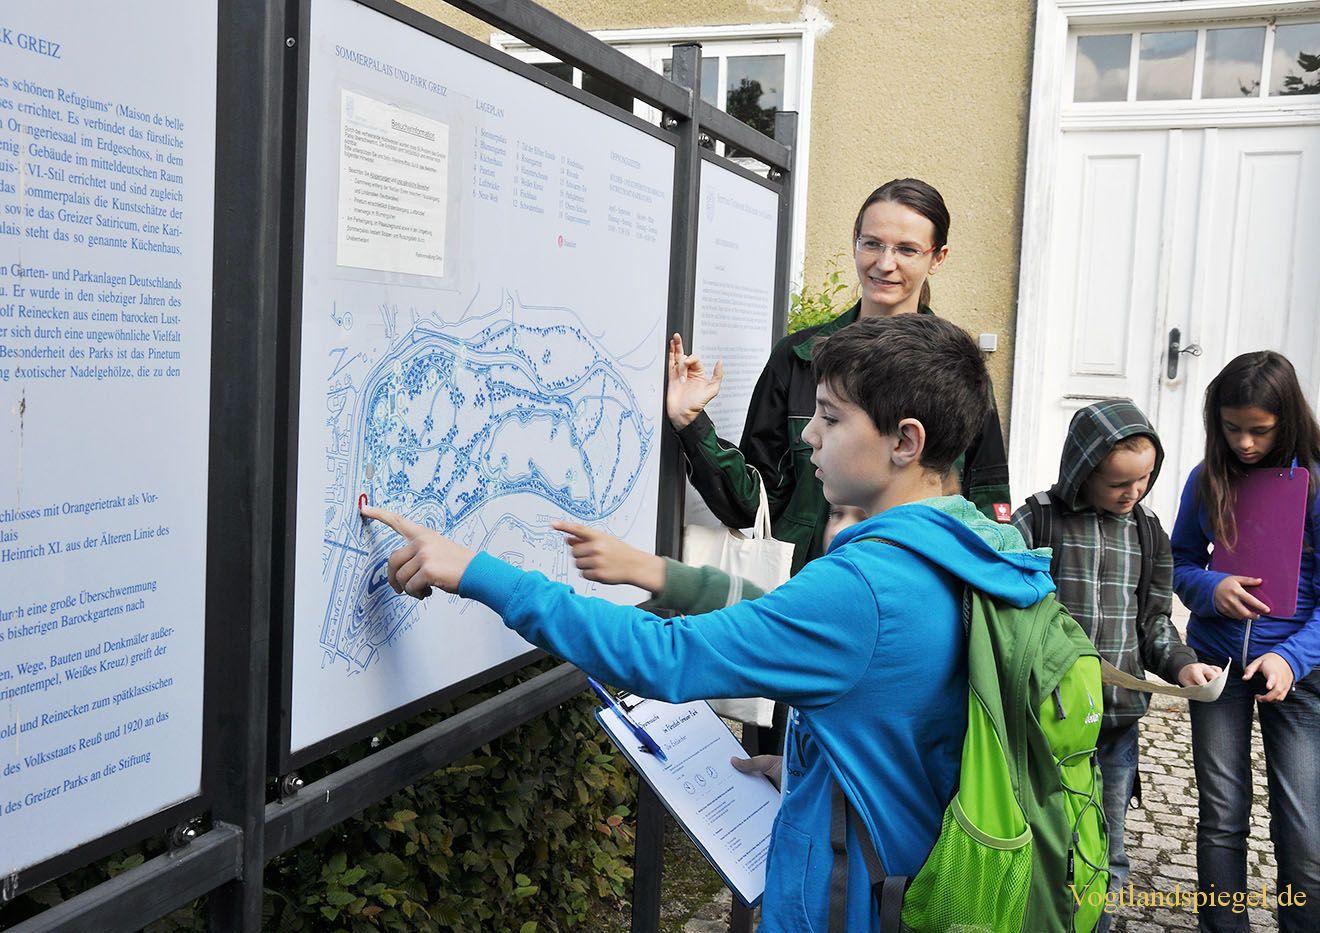 Parkverwaltung organisiert Schatzsuche im Fürstlich Greizer Park